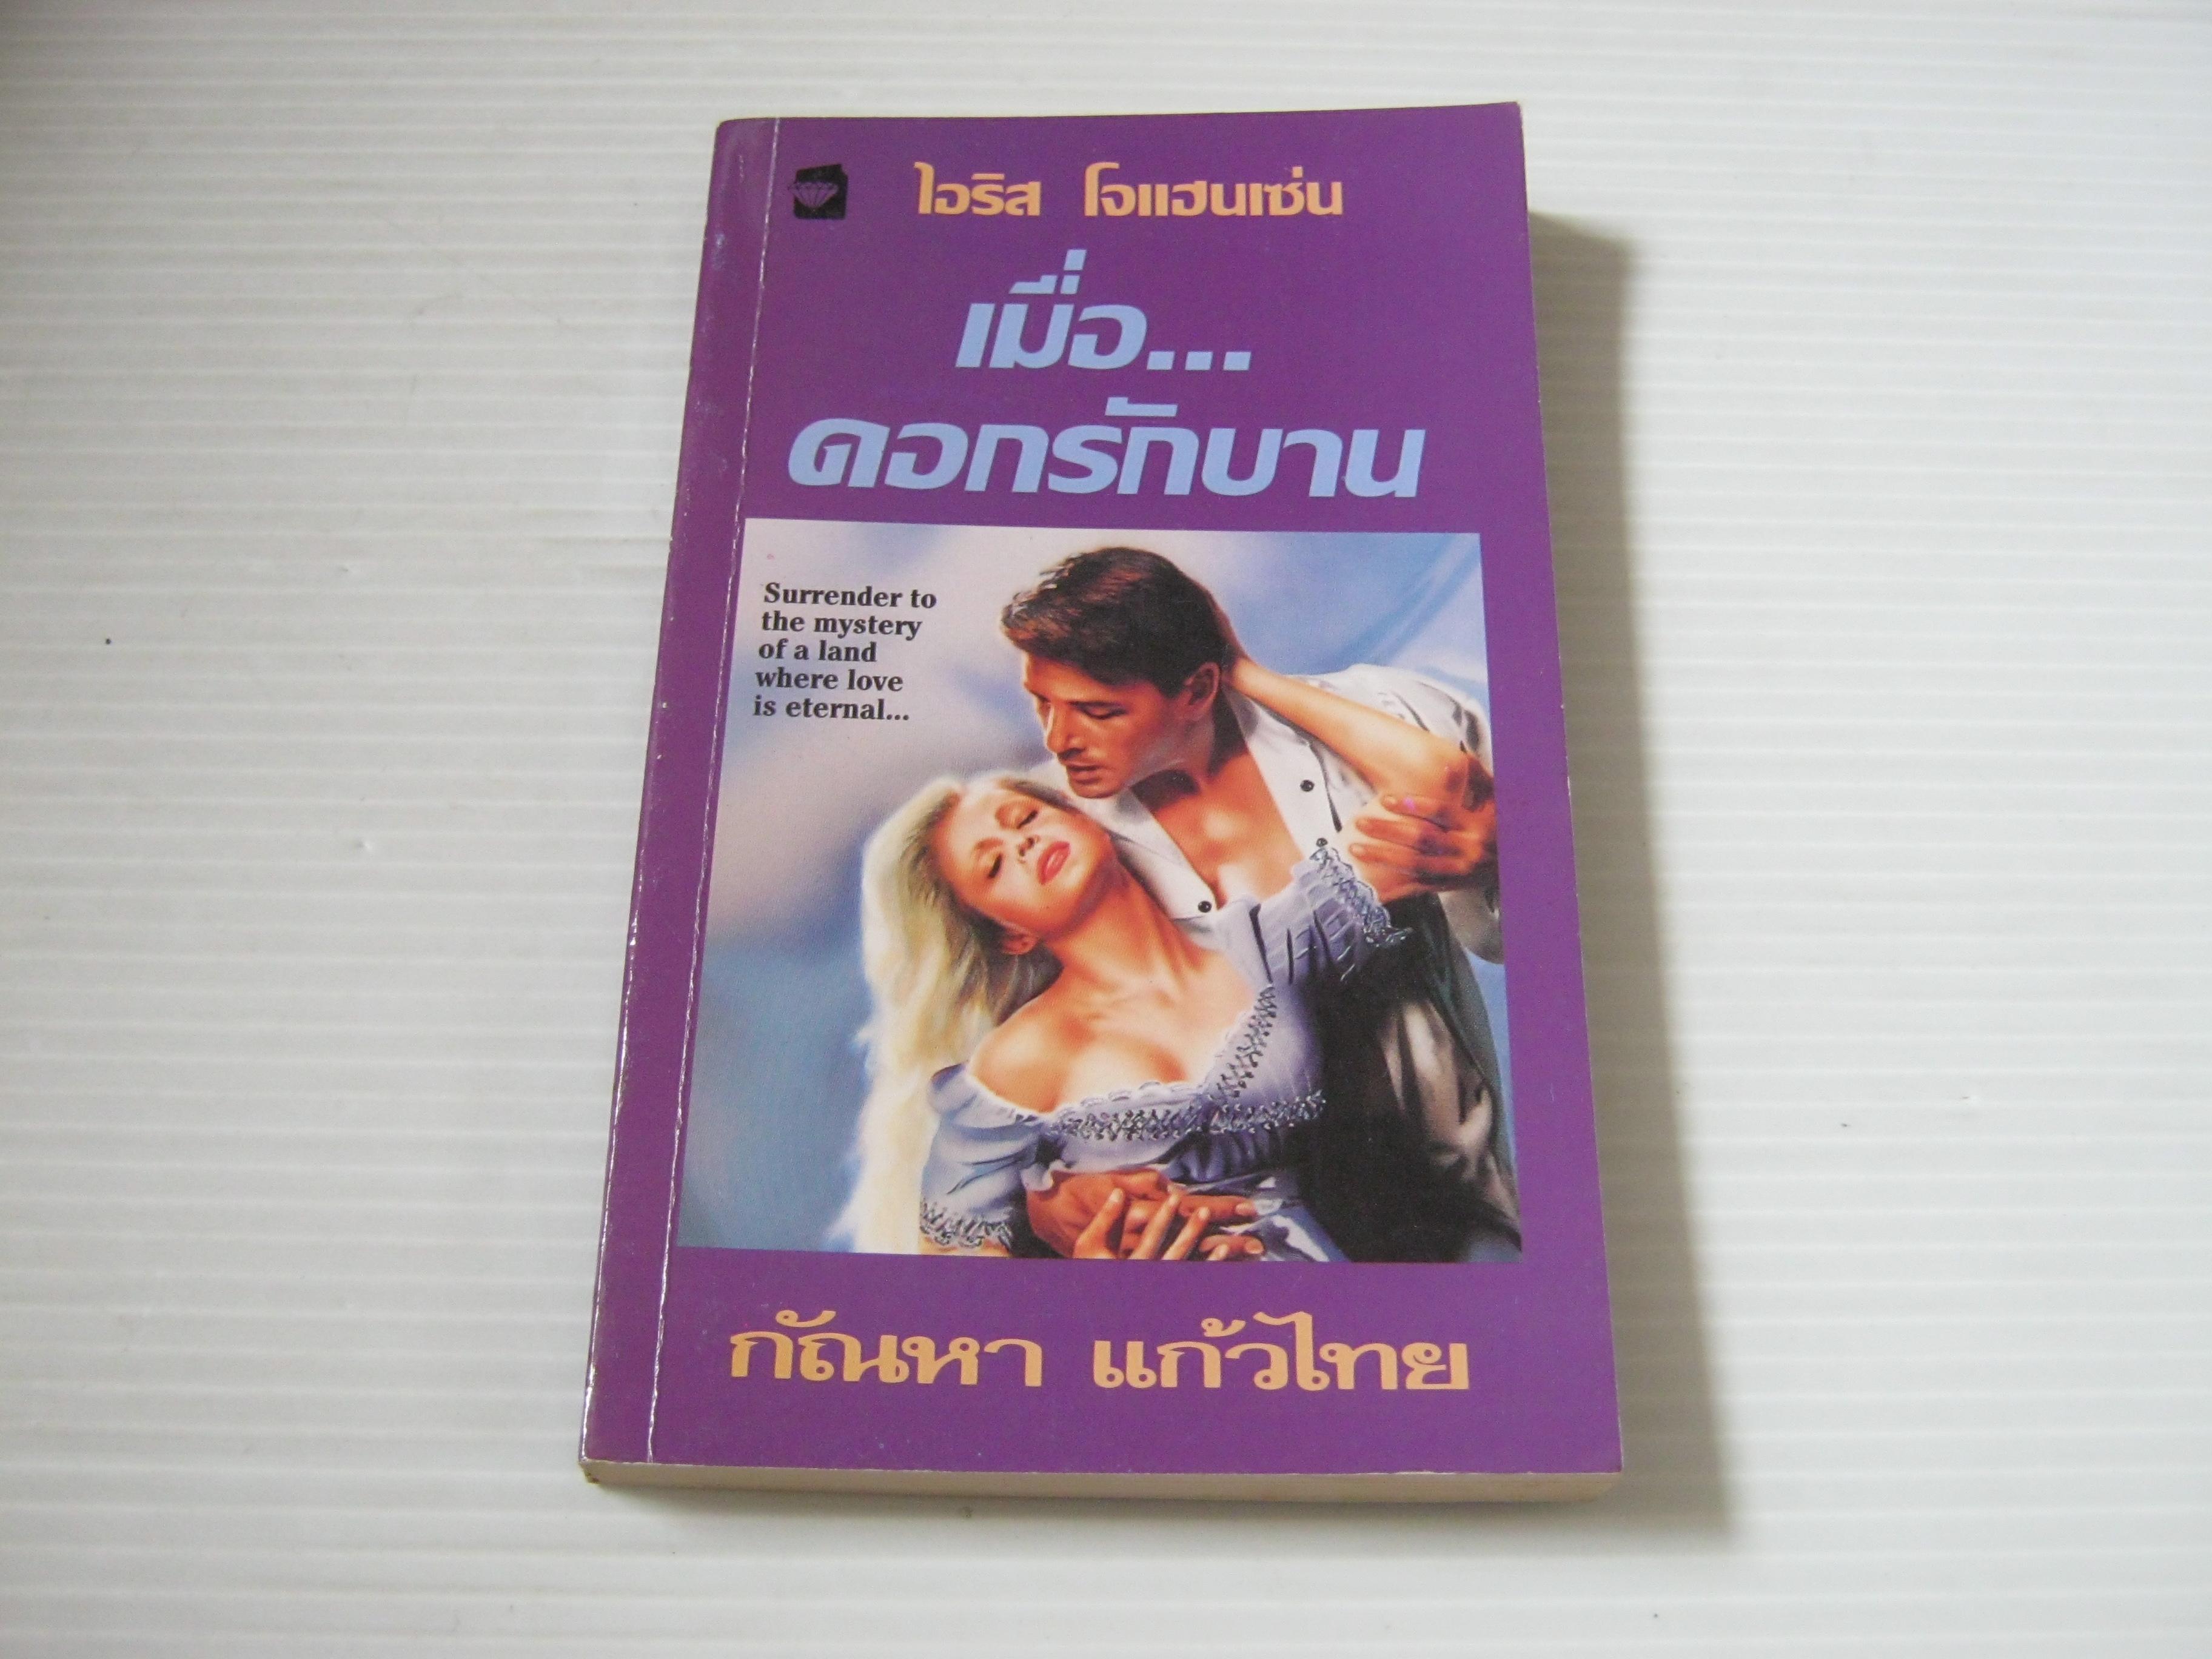 เมื่อ...ดอกรักบาน พิมพ์ครั้งที่ 2 ไอริส โจแฮนเซ่น เขียน กัณหา แก้วไทย แปล